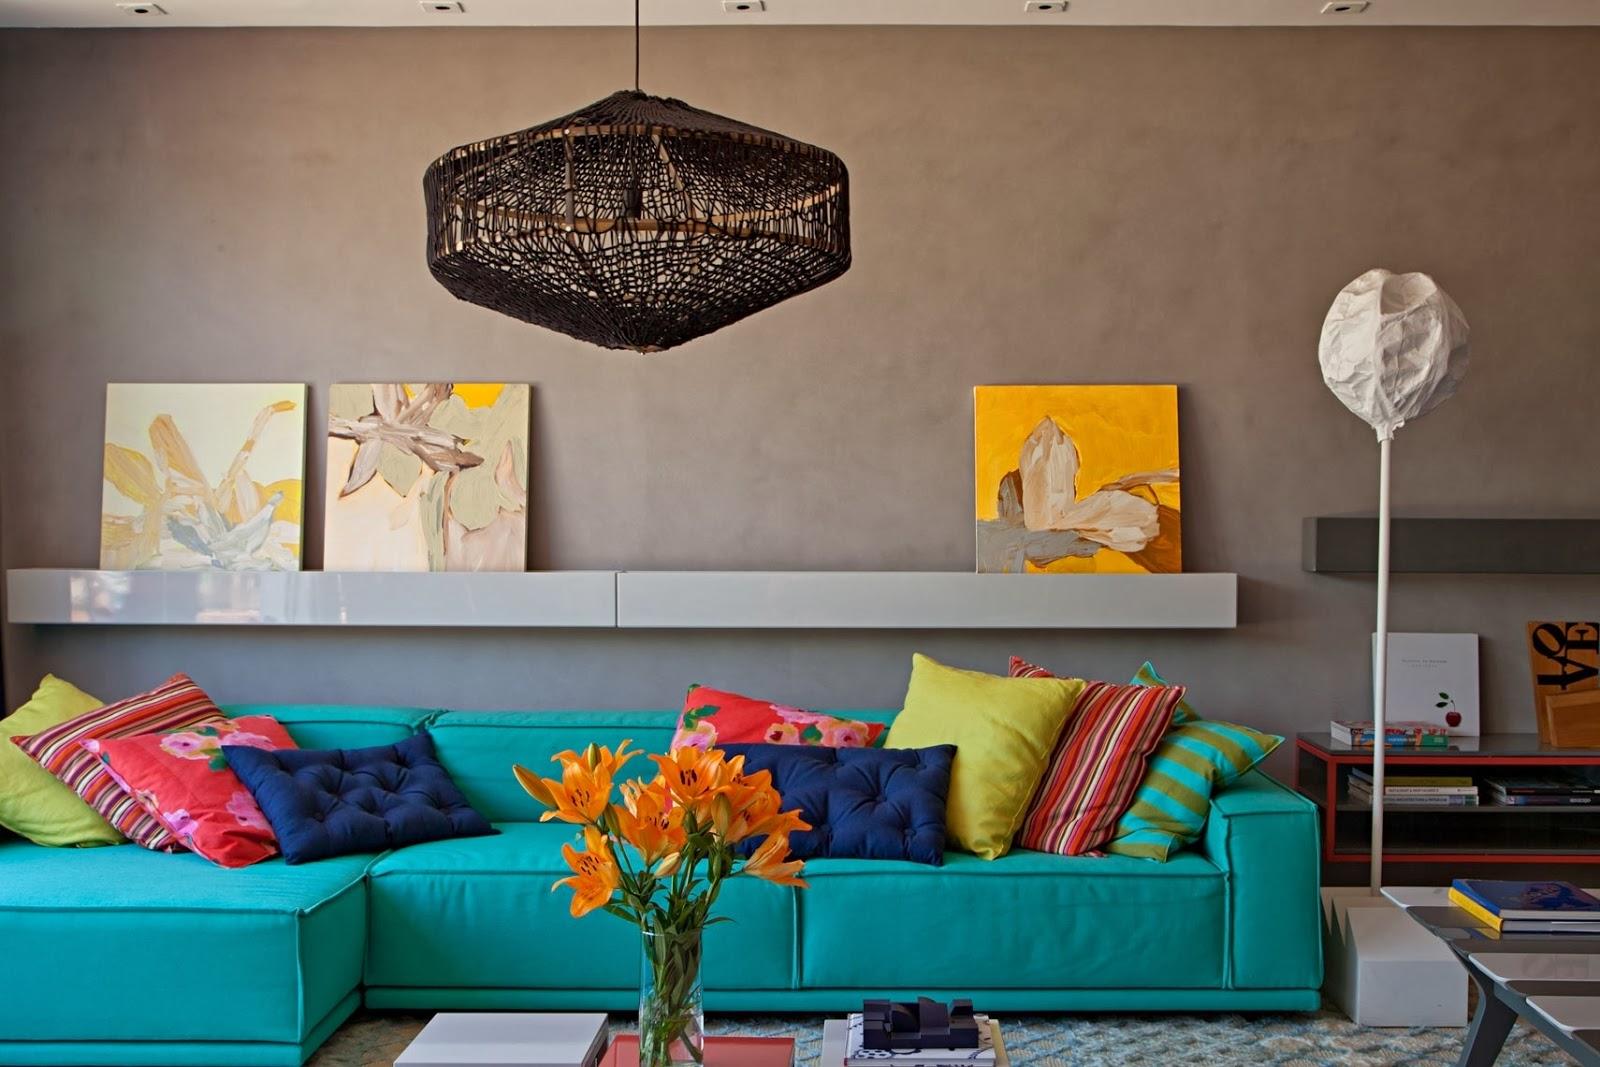 sofa usado olx rio de janeiro mart springfield illinois samara pinheiro parede da sala o que fazer em salas